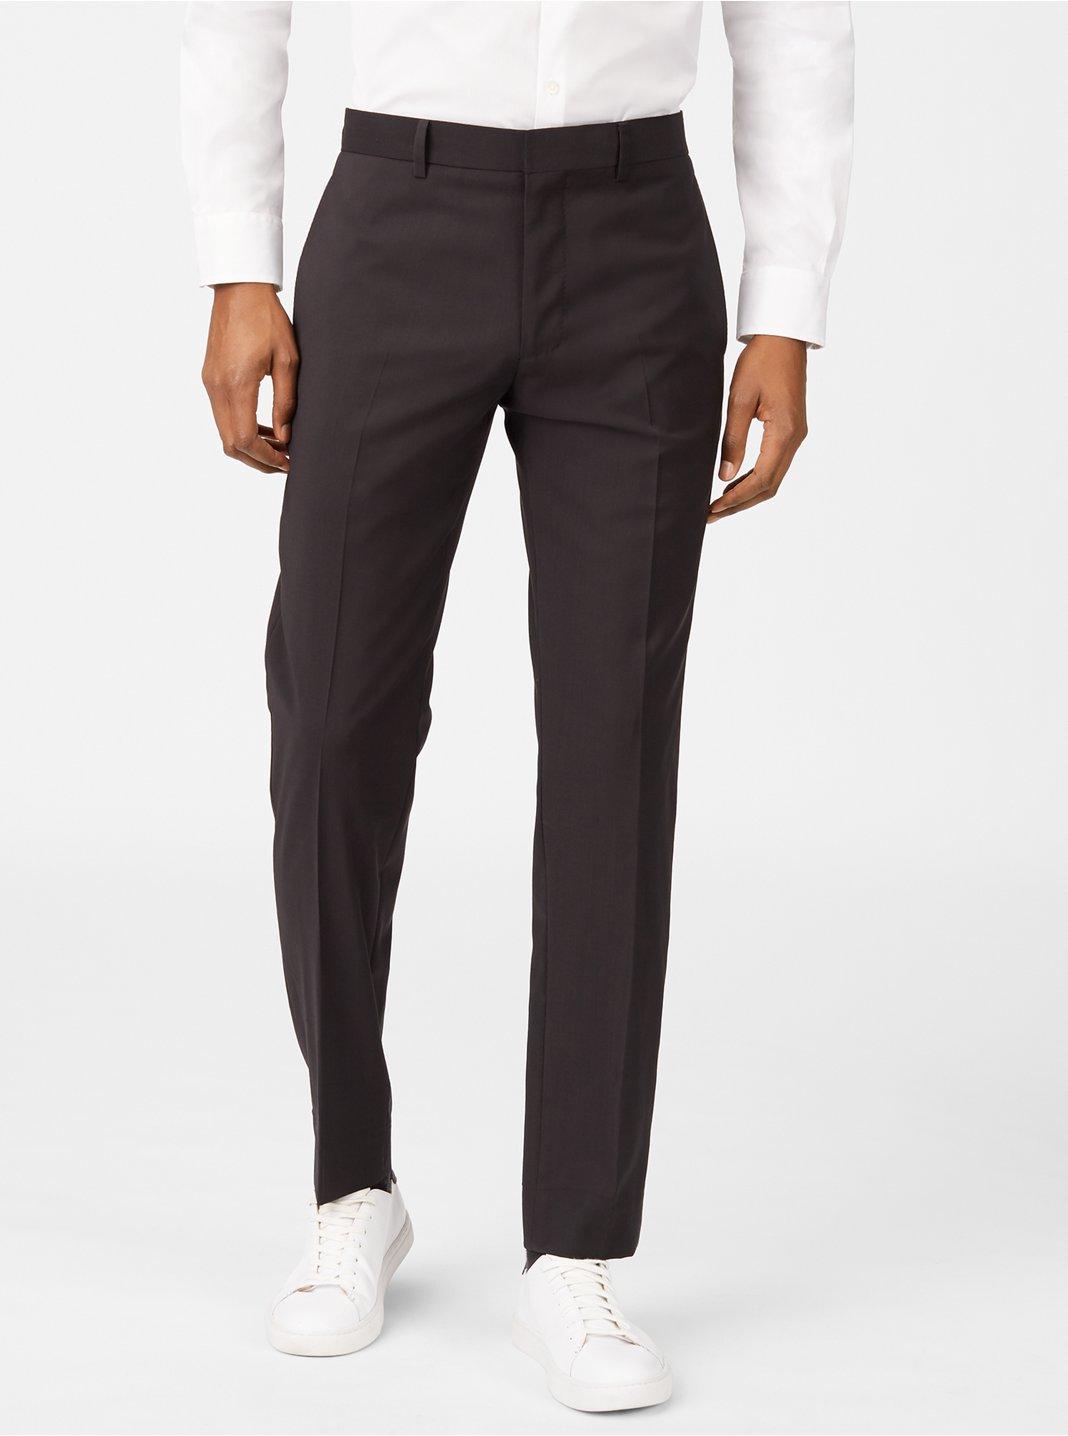 클럽 모나코 맨 정장 바지 Club Monaco Grant Wool Suit Pant